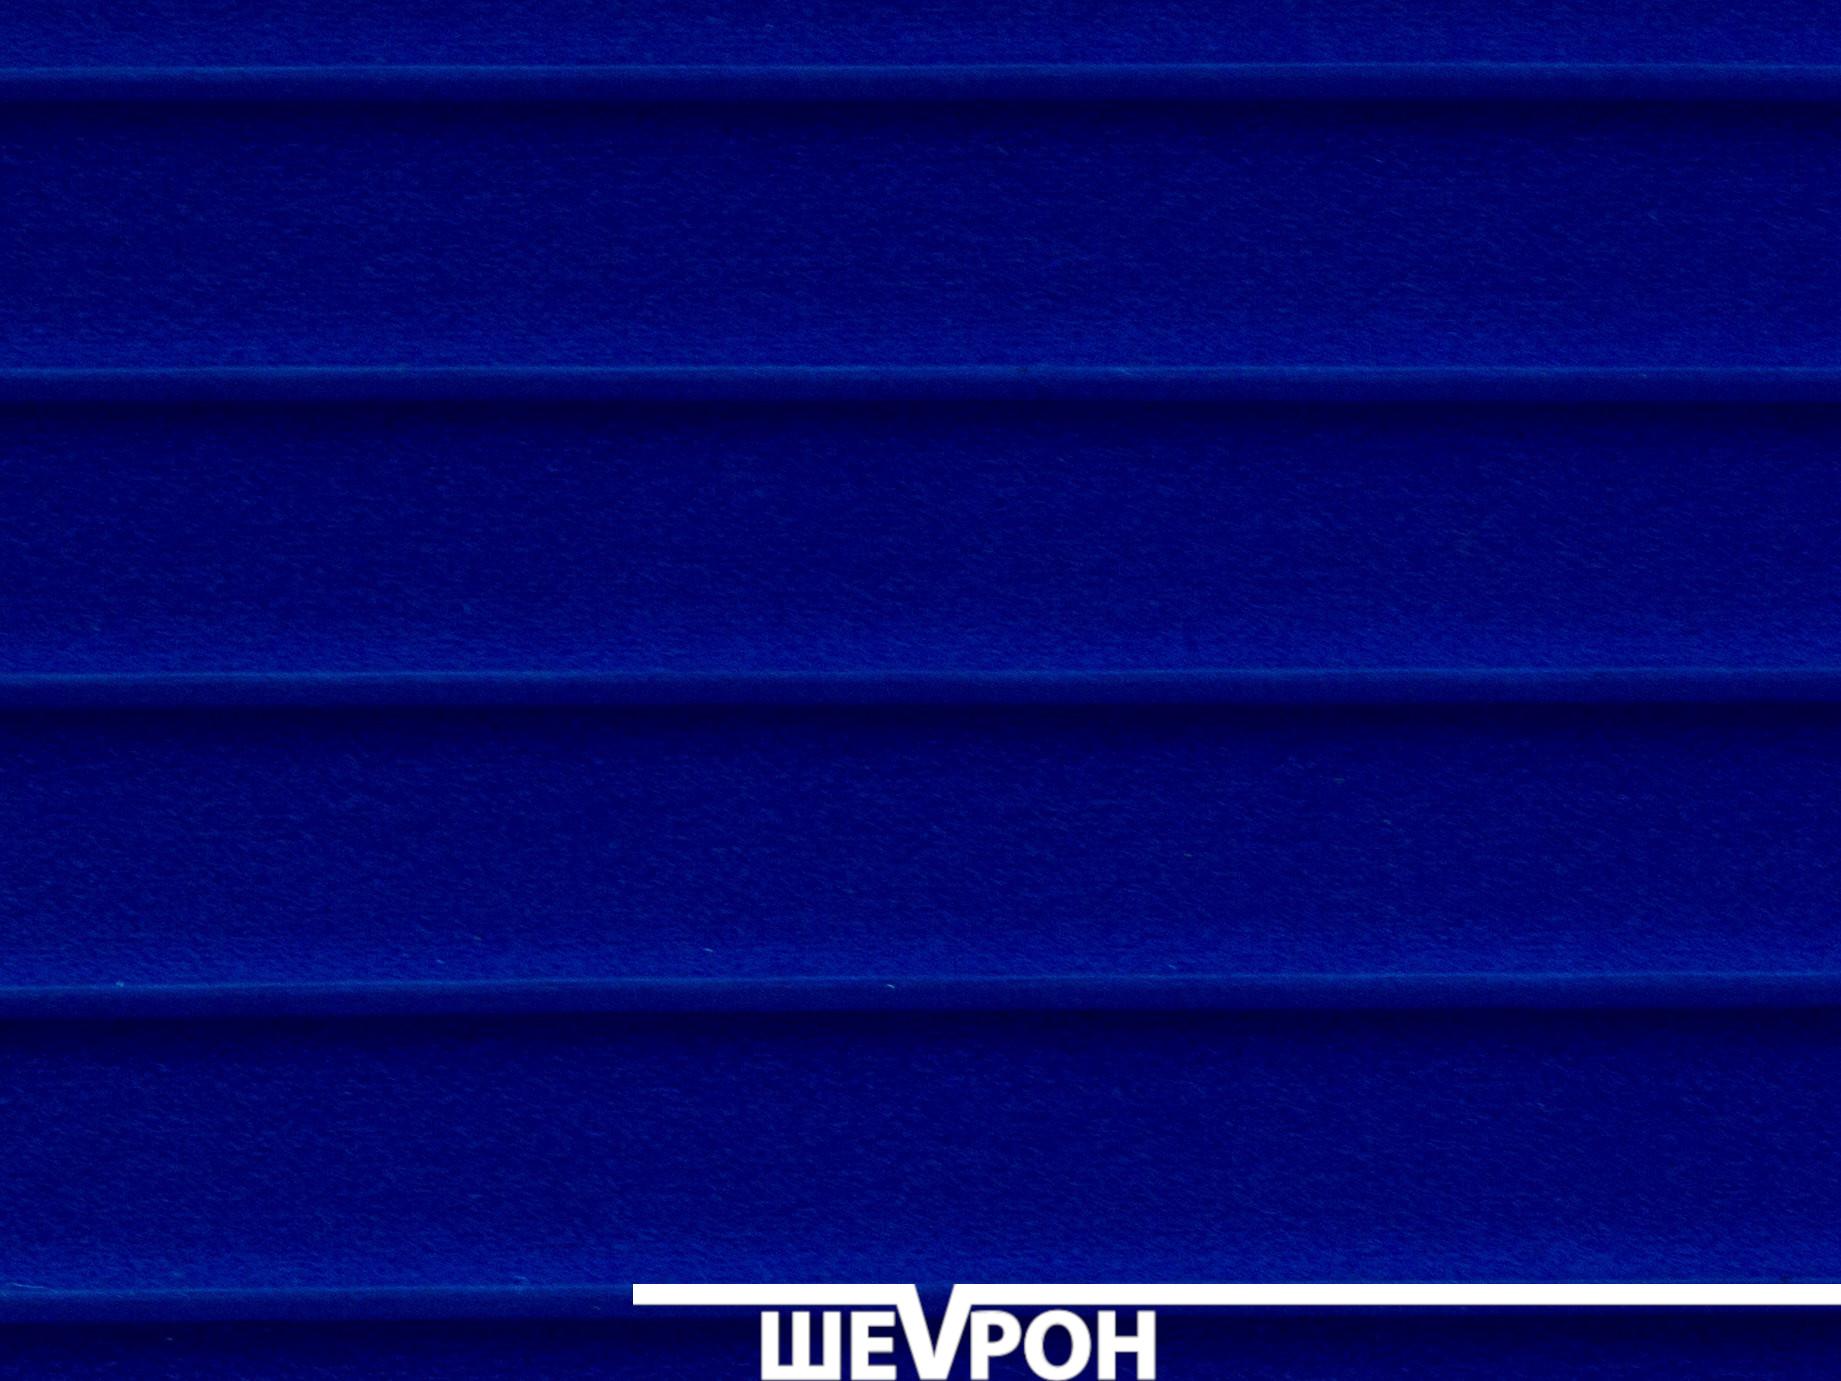 картинка Ткань SOHO M-8 полоса синяя от магазина Шеврон